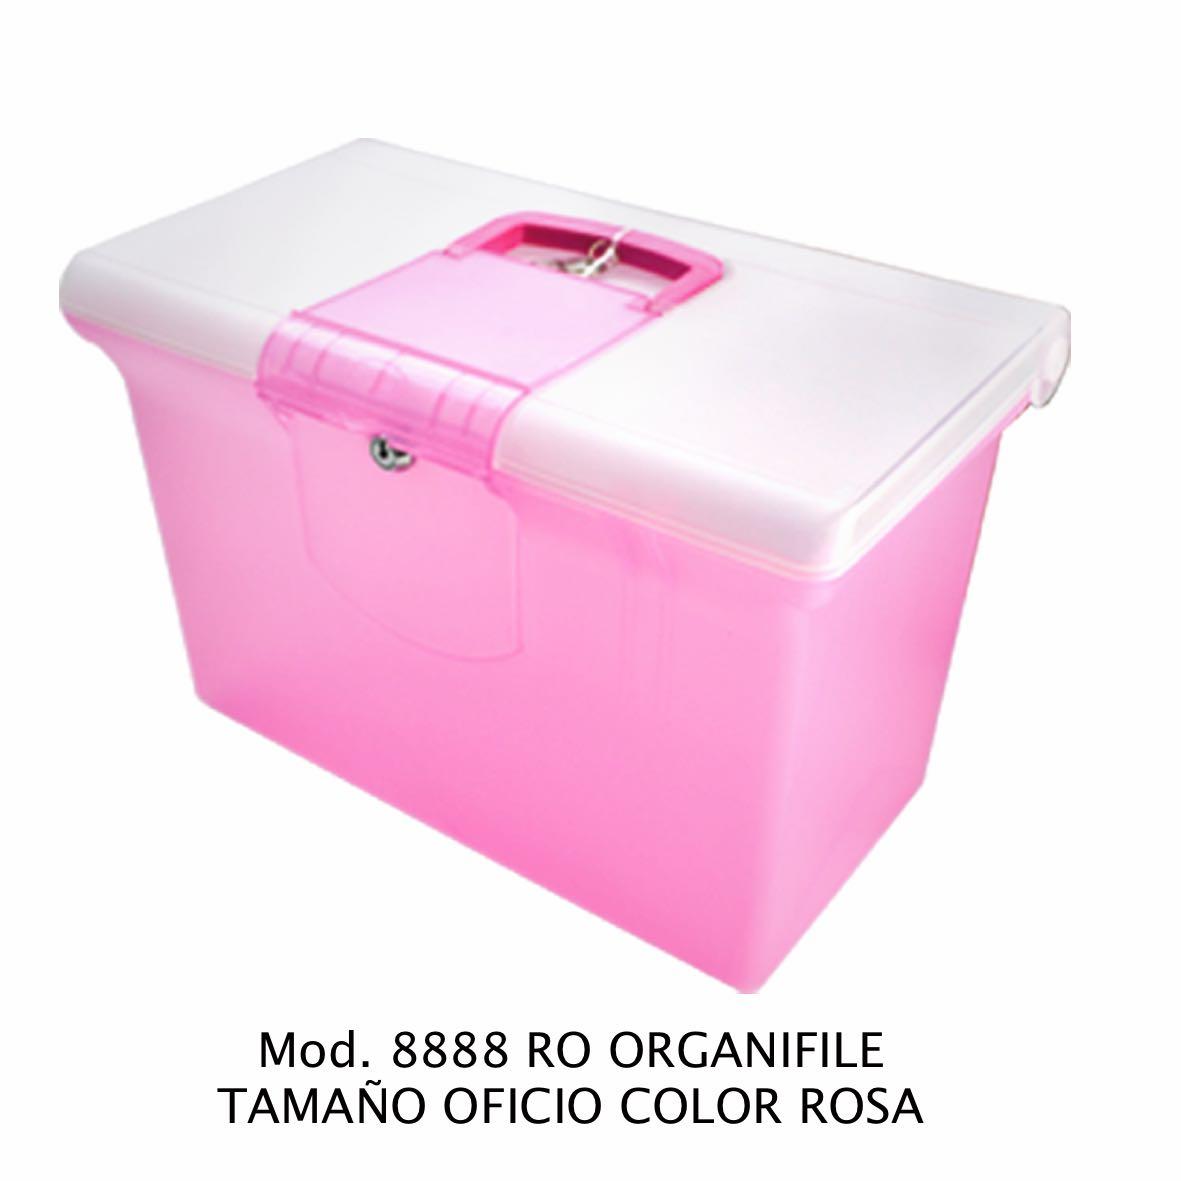 Organifile tamaño oficio de color rosa Modelo 8888 RO - Sablón